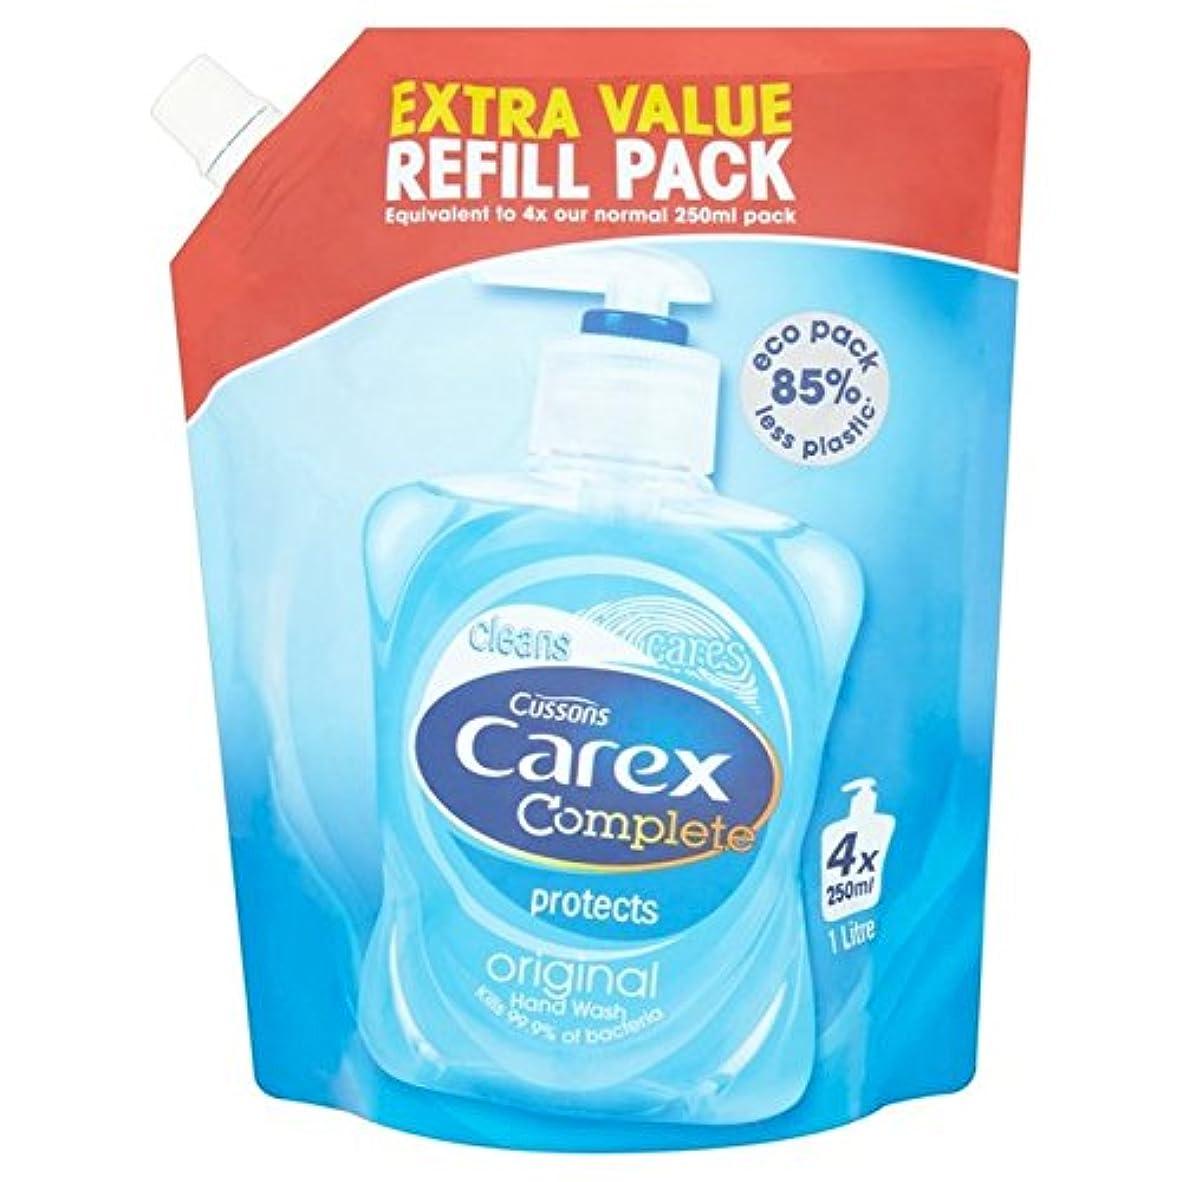 準備した廃棄生き残りスゲオリジナルリフィルパック1リットル x2 - Carex Original Refill Pack 1L (Pack of 2) [並行輸入品]